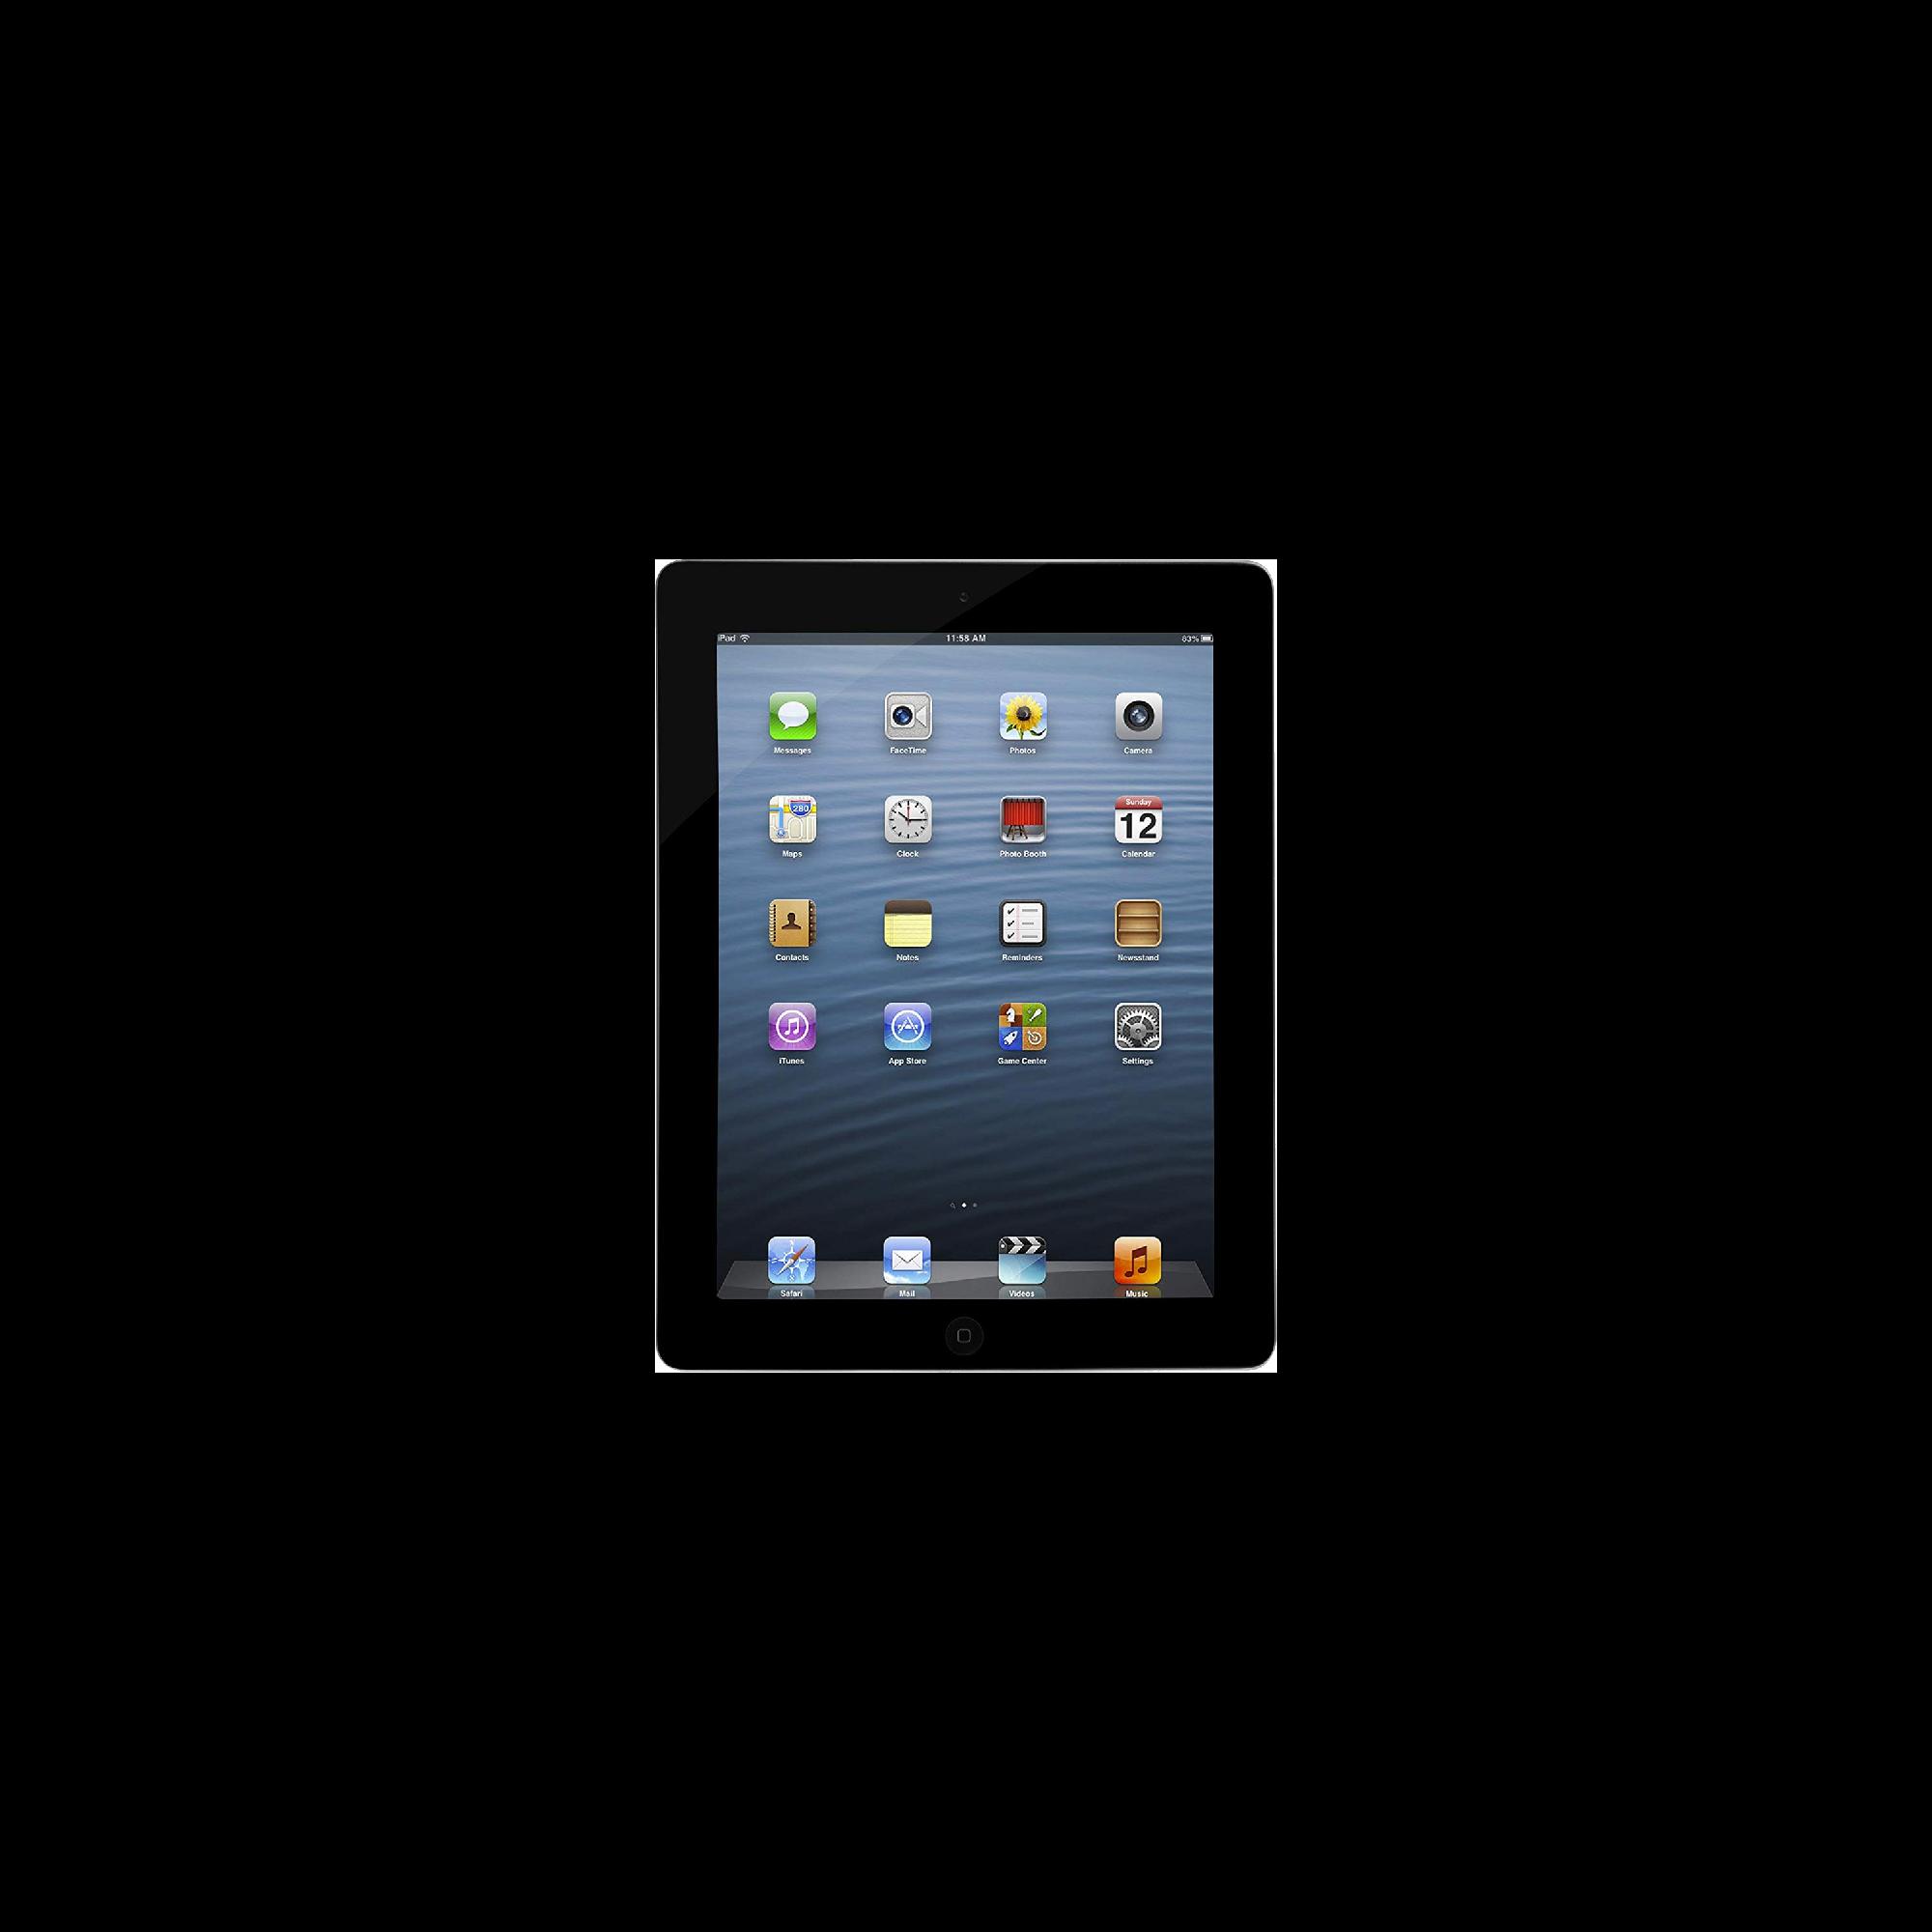 iPad 3 | $80 + tax